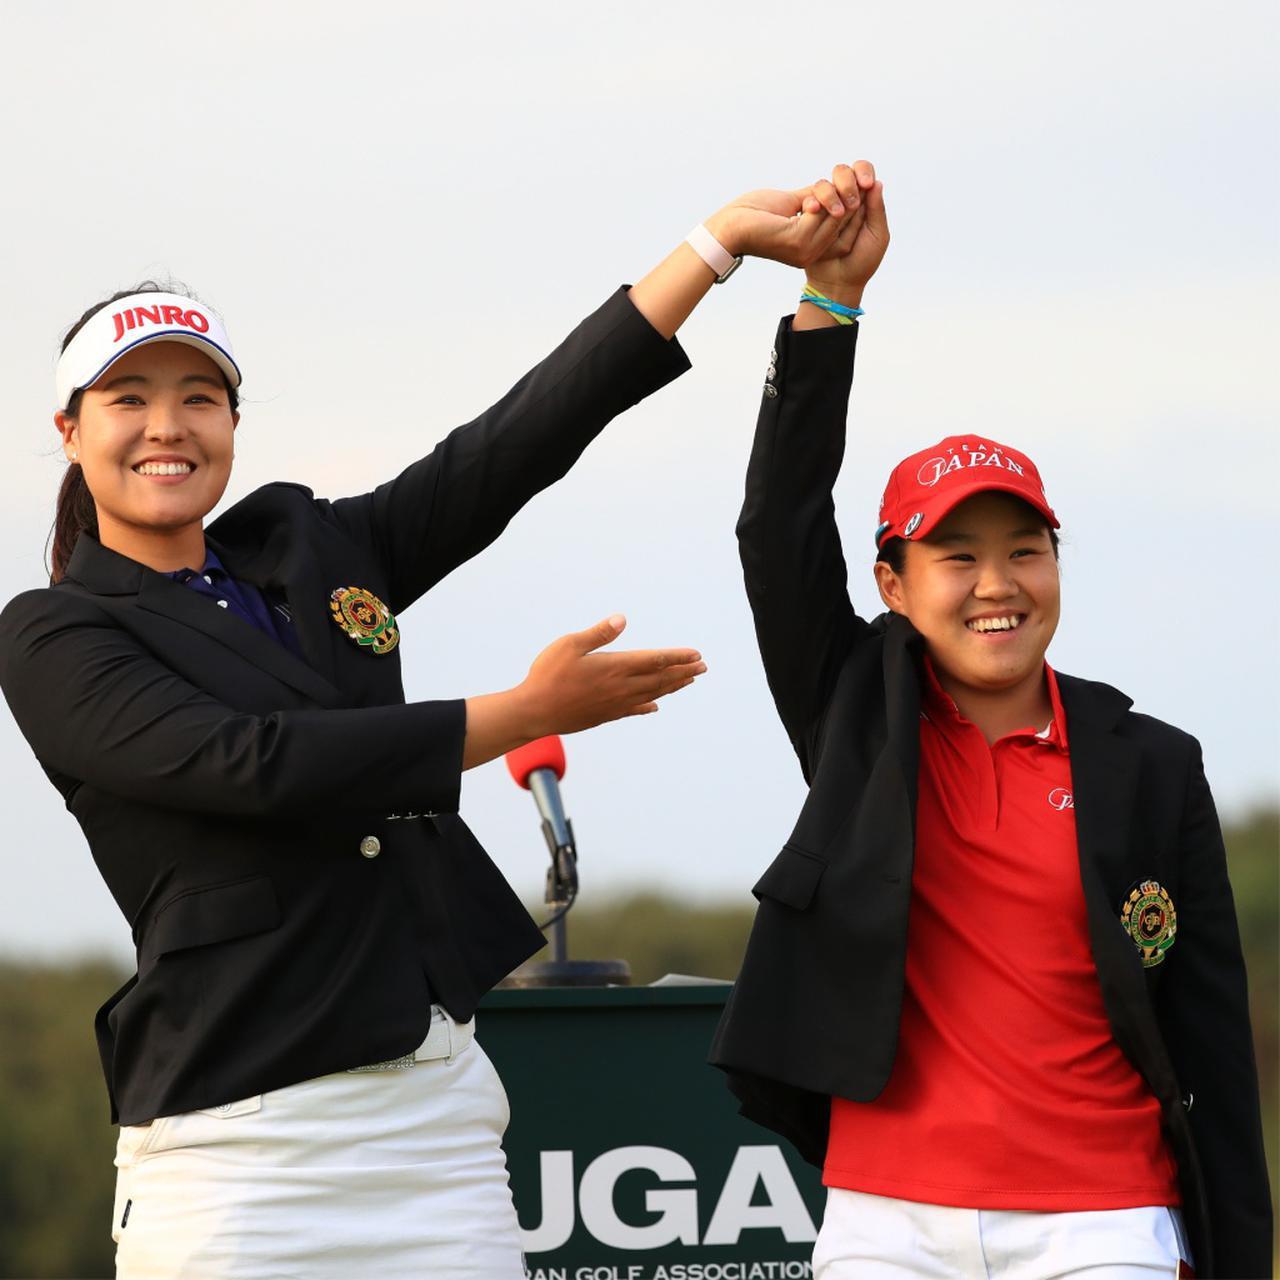 画像2: 【ゴルフ史】記憶と記録に残る。21世紀ニッポンのツアー、そのとき歴史は動いた